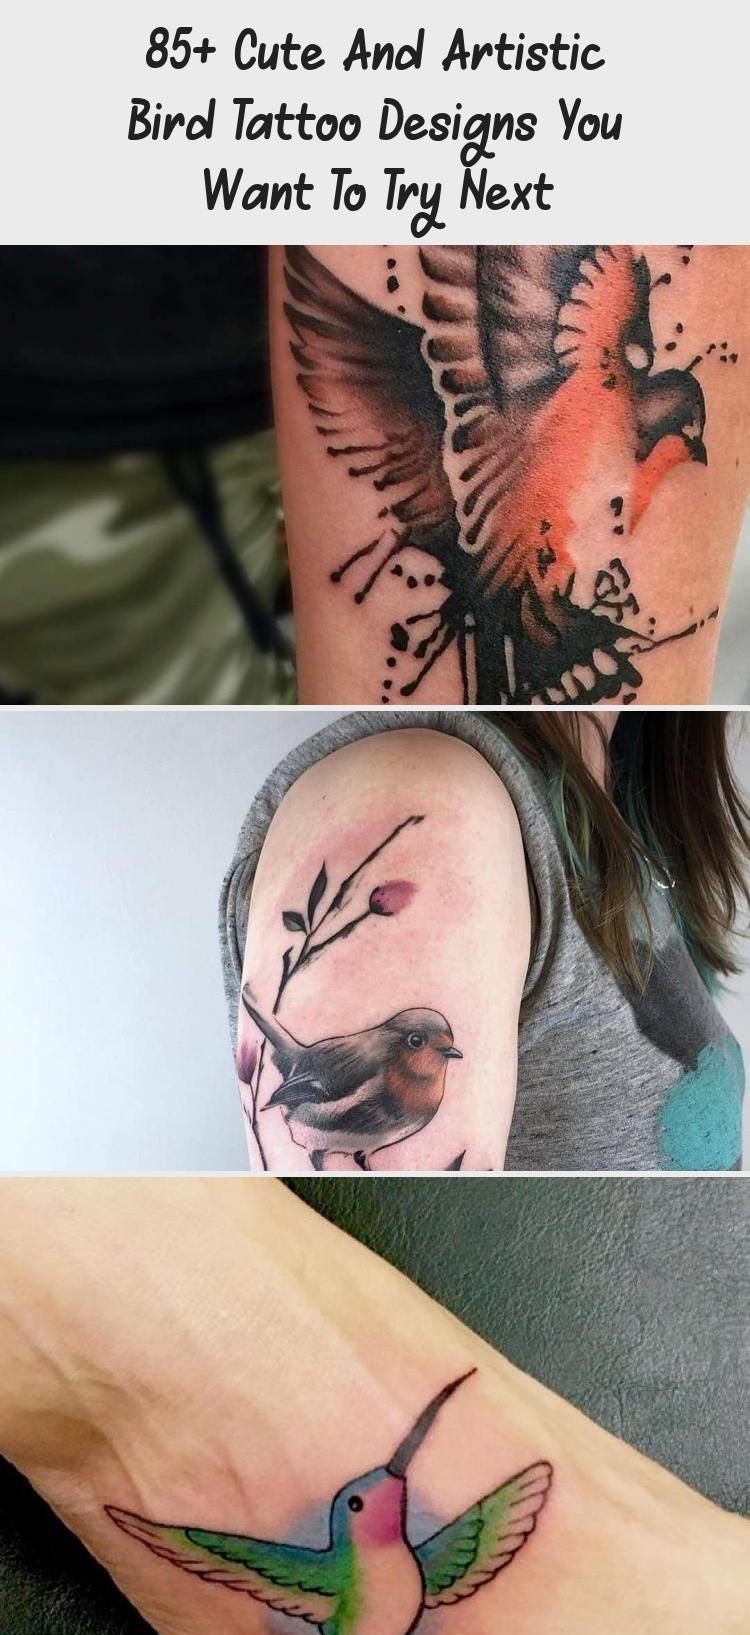 Cute and Artistic Bird Tattoo Designs